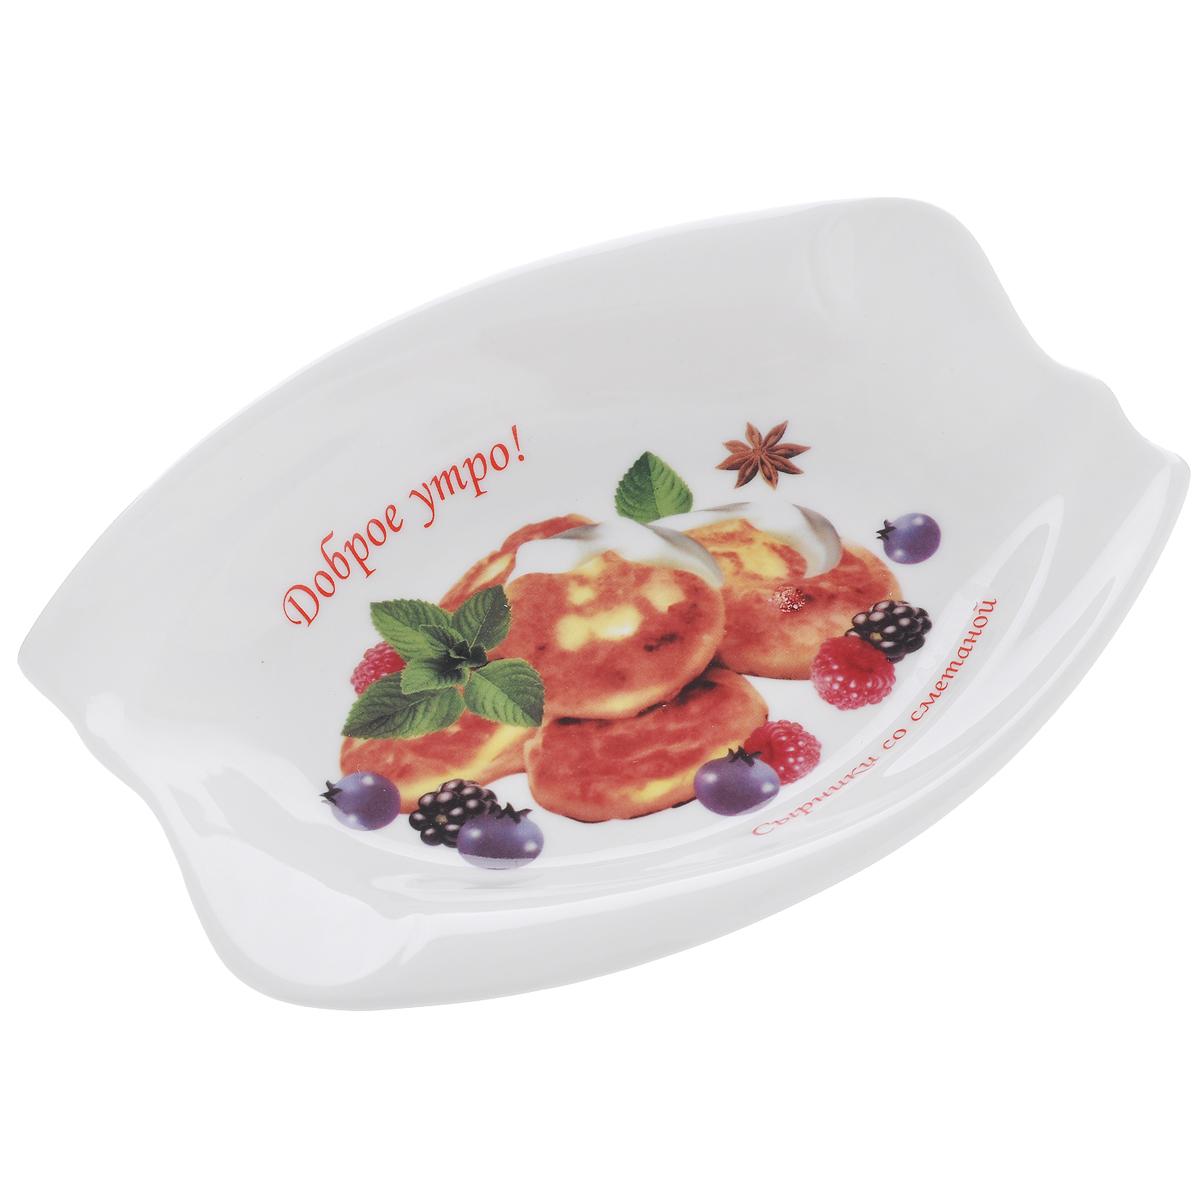 Блюдо LarangE Сырники со сметаной, 19,5 см х 14,5 см блюдо для сосисок larange веселый завтрак с кошечкой 20 5 см х 19 см